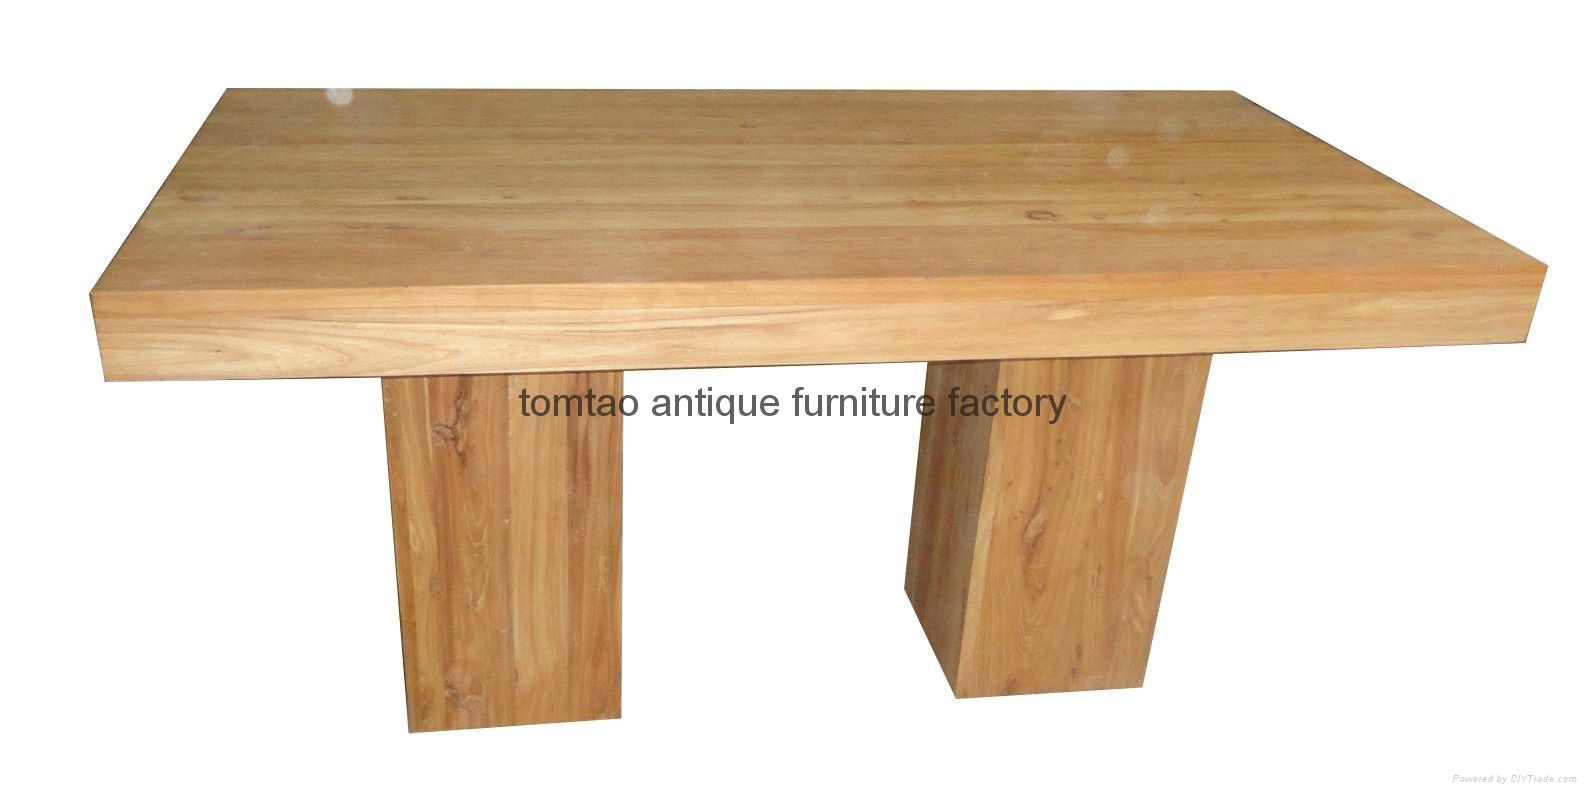 2 Meter Elm Wood Dining Table #6199 1